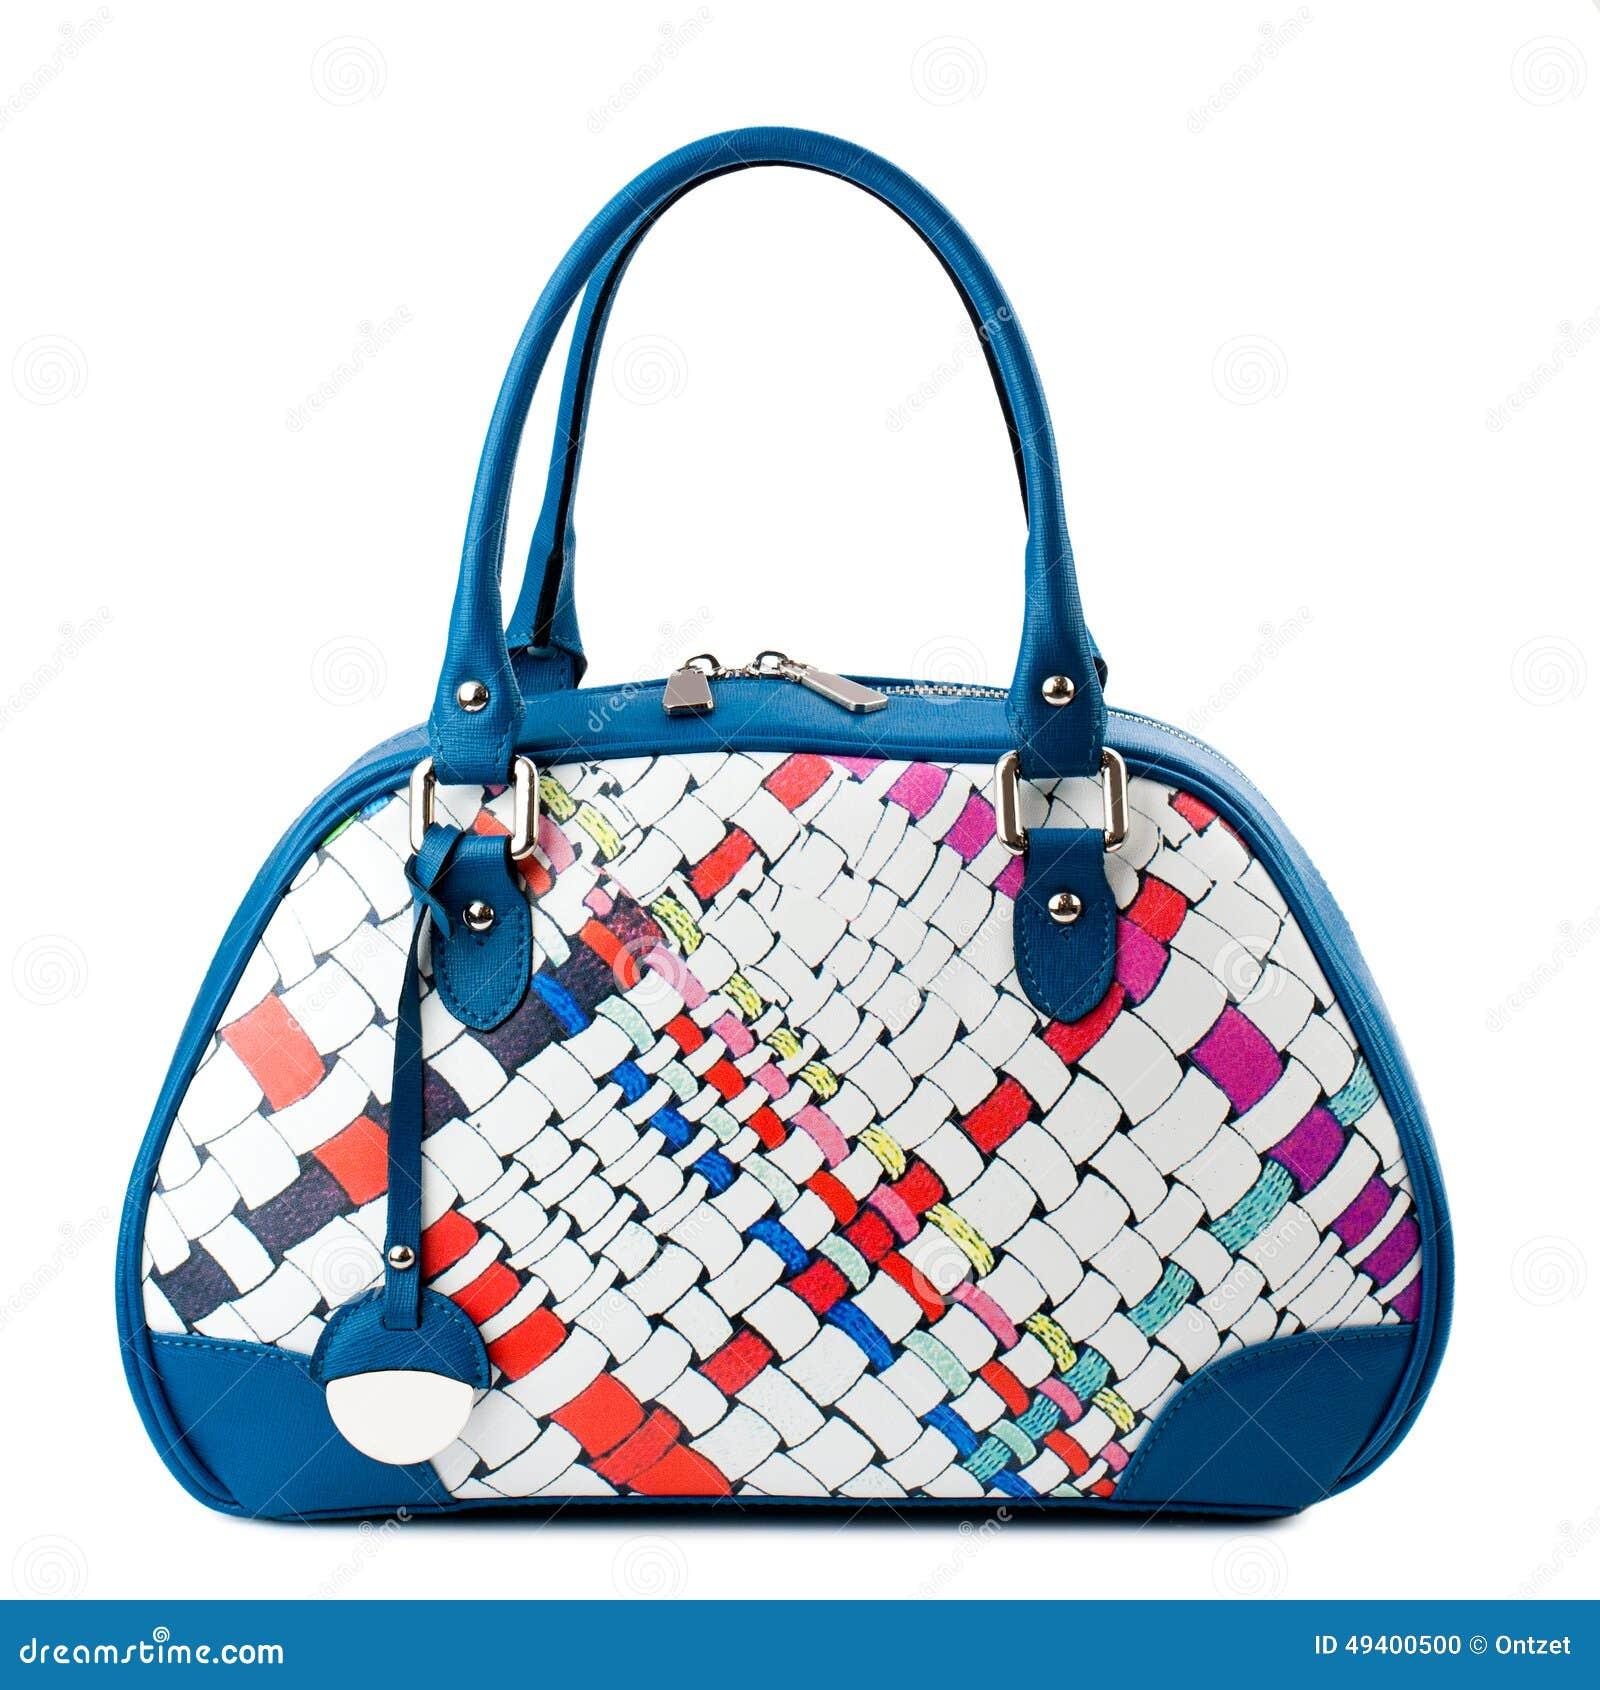 Download Dunkelblaue Weibliche Tasche Lokalisiert Auf Weißem Hintergrund Stockfoto - Bild von geschäft, weiblich: 49400500